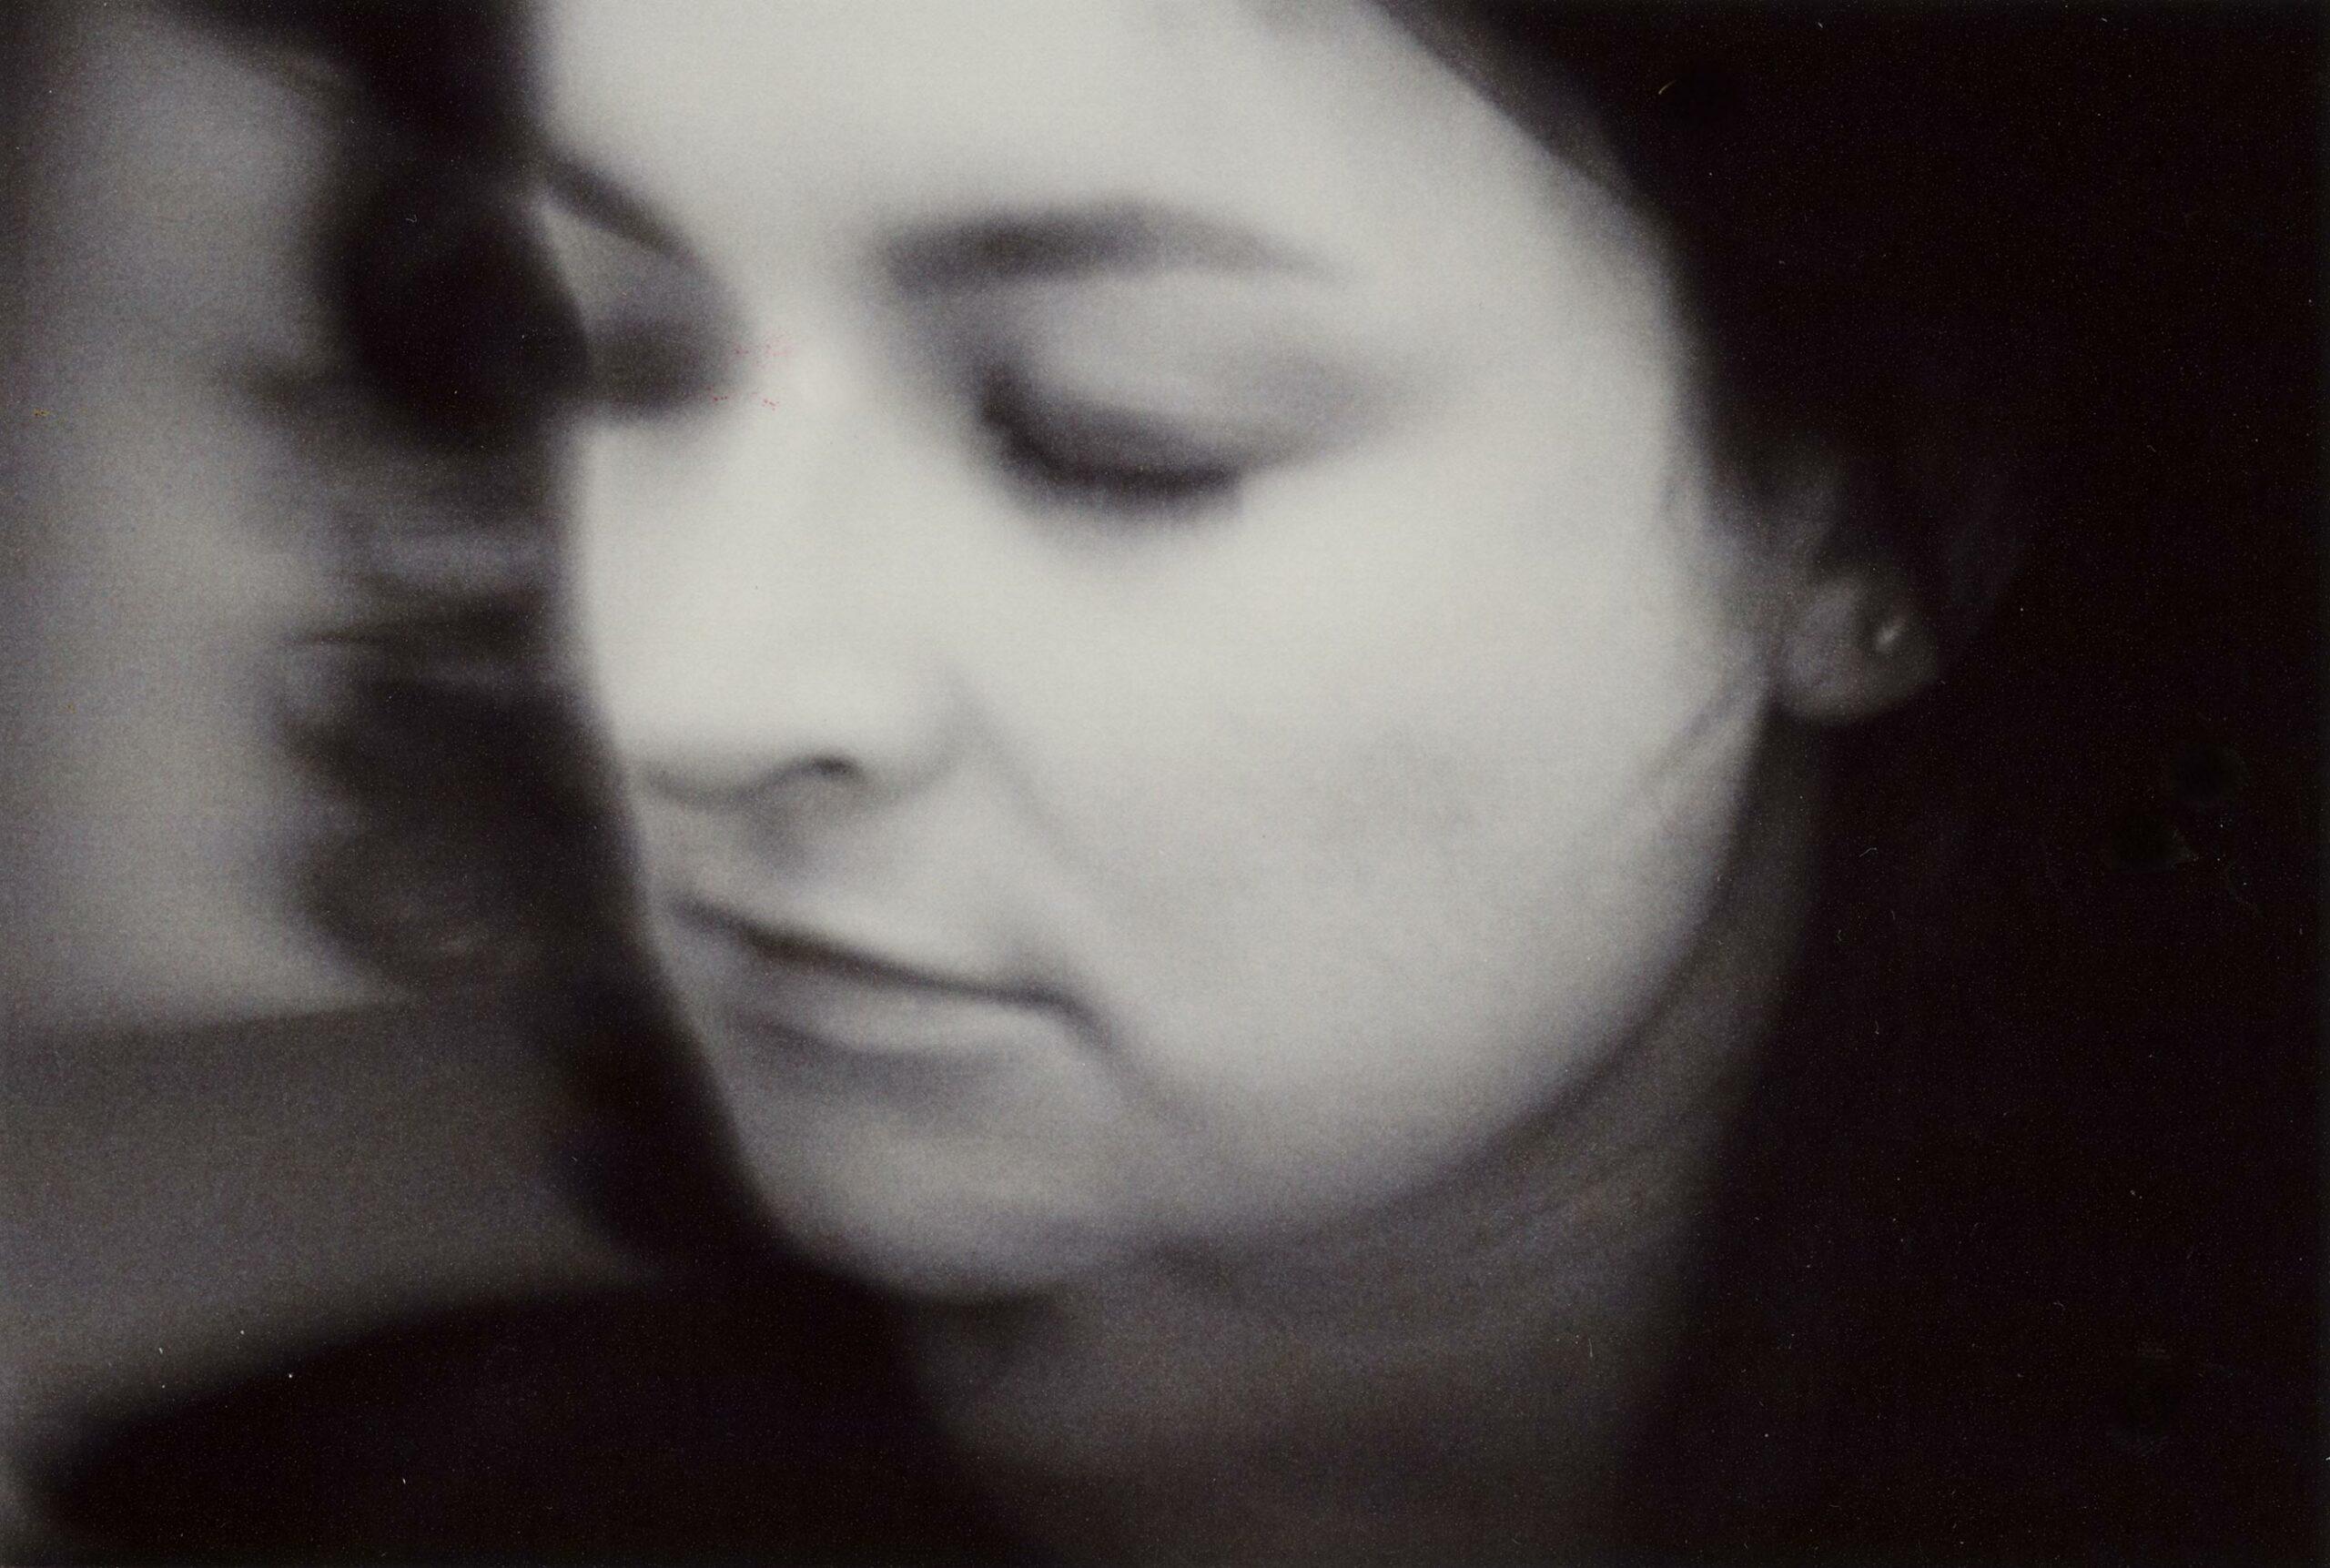 zabor ona evhenia 3 scaled - <b>«Я боялася, що він її вб'є та сяде до в'язниці».</b> Дві історії людей, які в дитинстві стали свідками домашнього насильства - Заборона